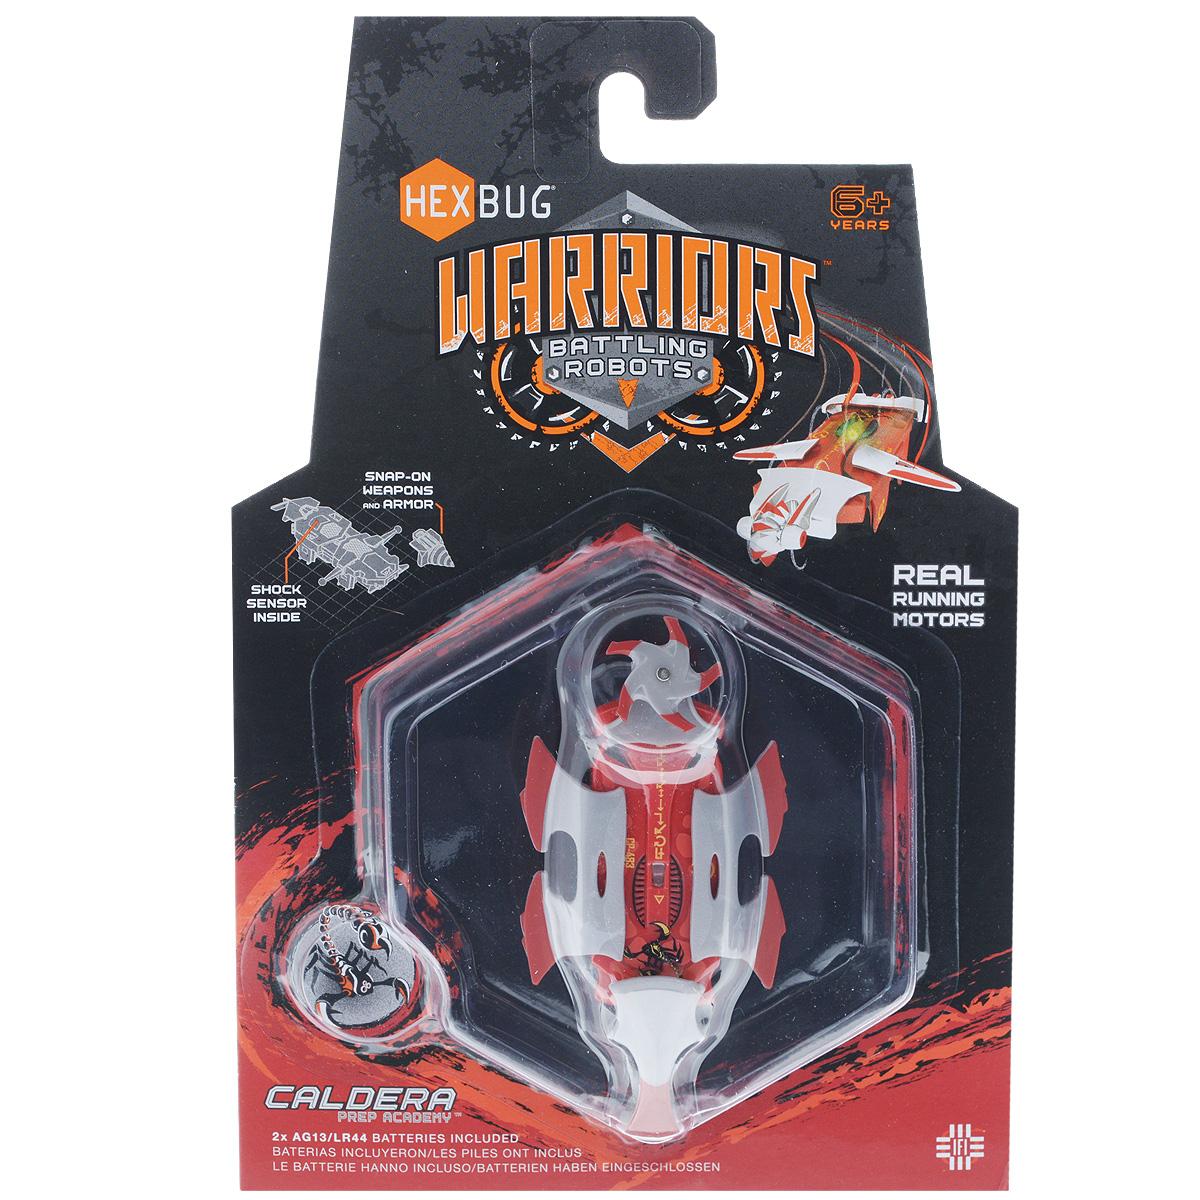 Микро-робот Hexbug Warriors. Caldera, цвет: красный. S1-4С hexbug игровой набор с микро роботами нано v2 ланчпад neon